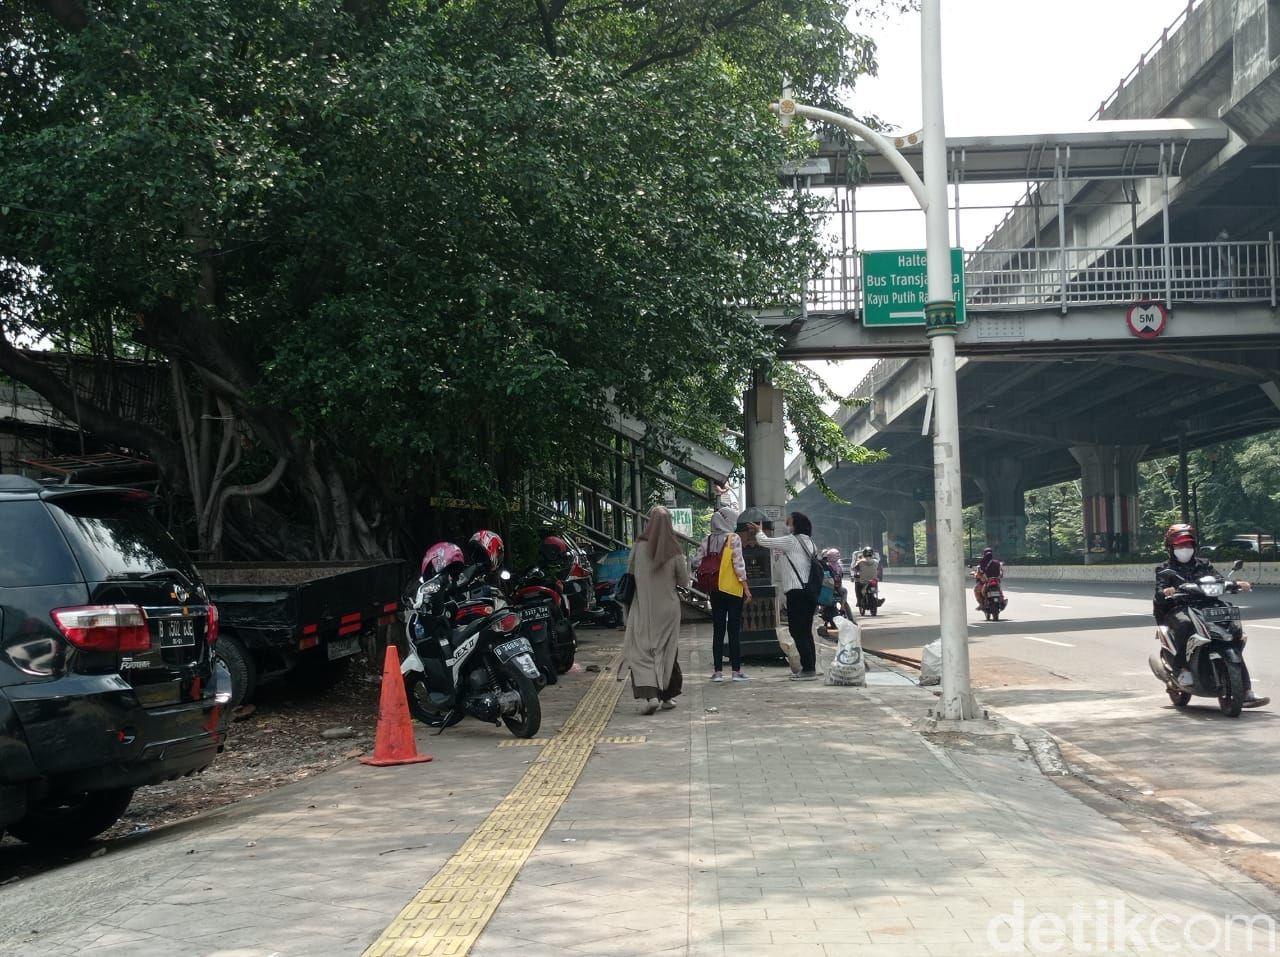 Trotoar di seberang Halte Kayu Putih Rawasari, Jakarta Timur, 7 Juni 2021, siang hari. (Wilda HN/detikcom)